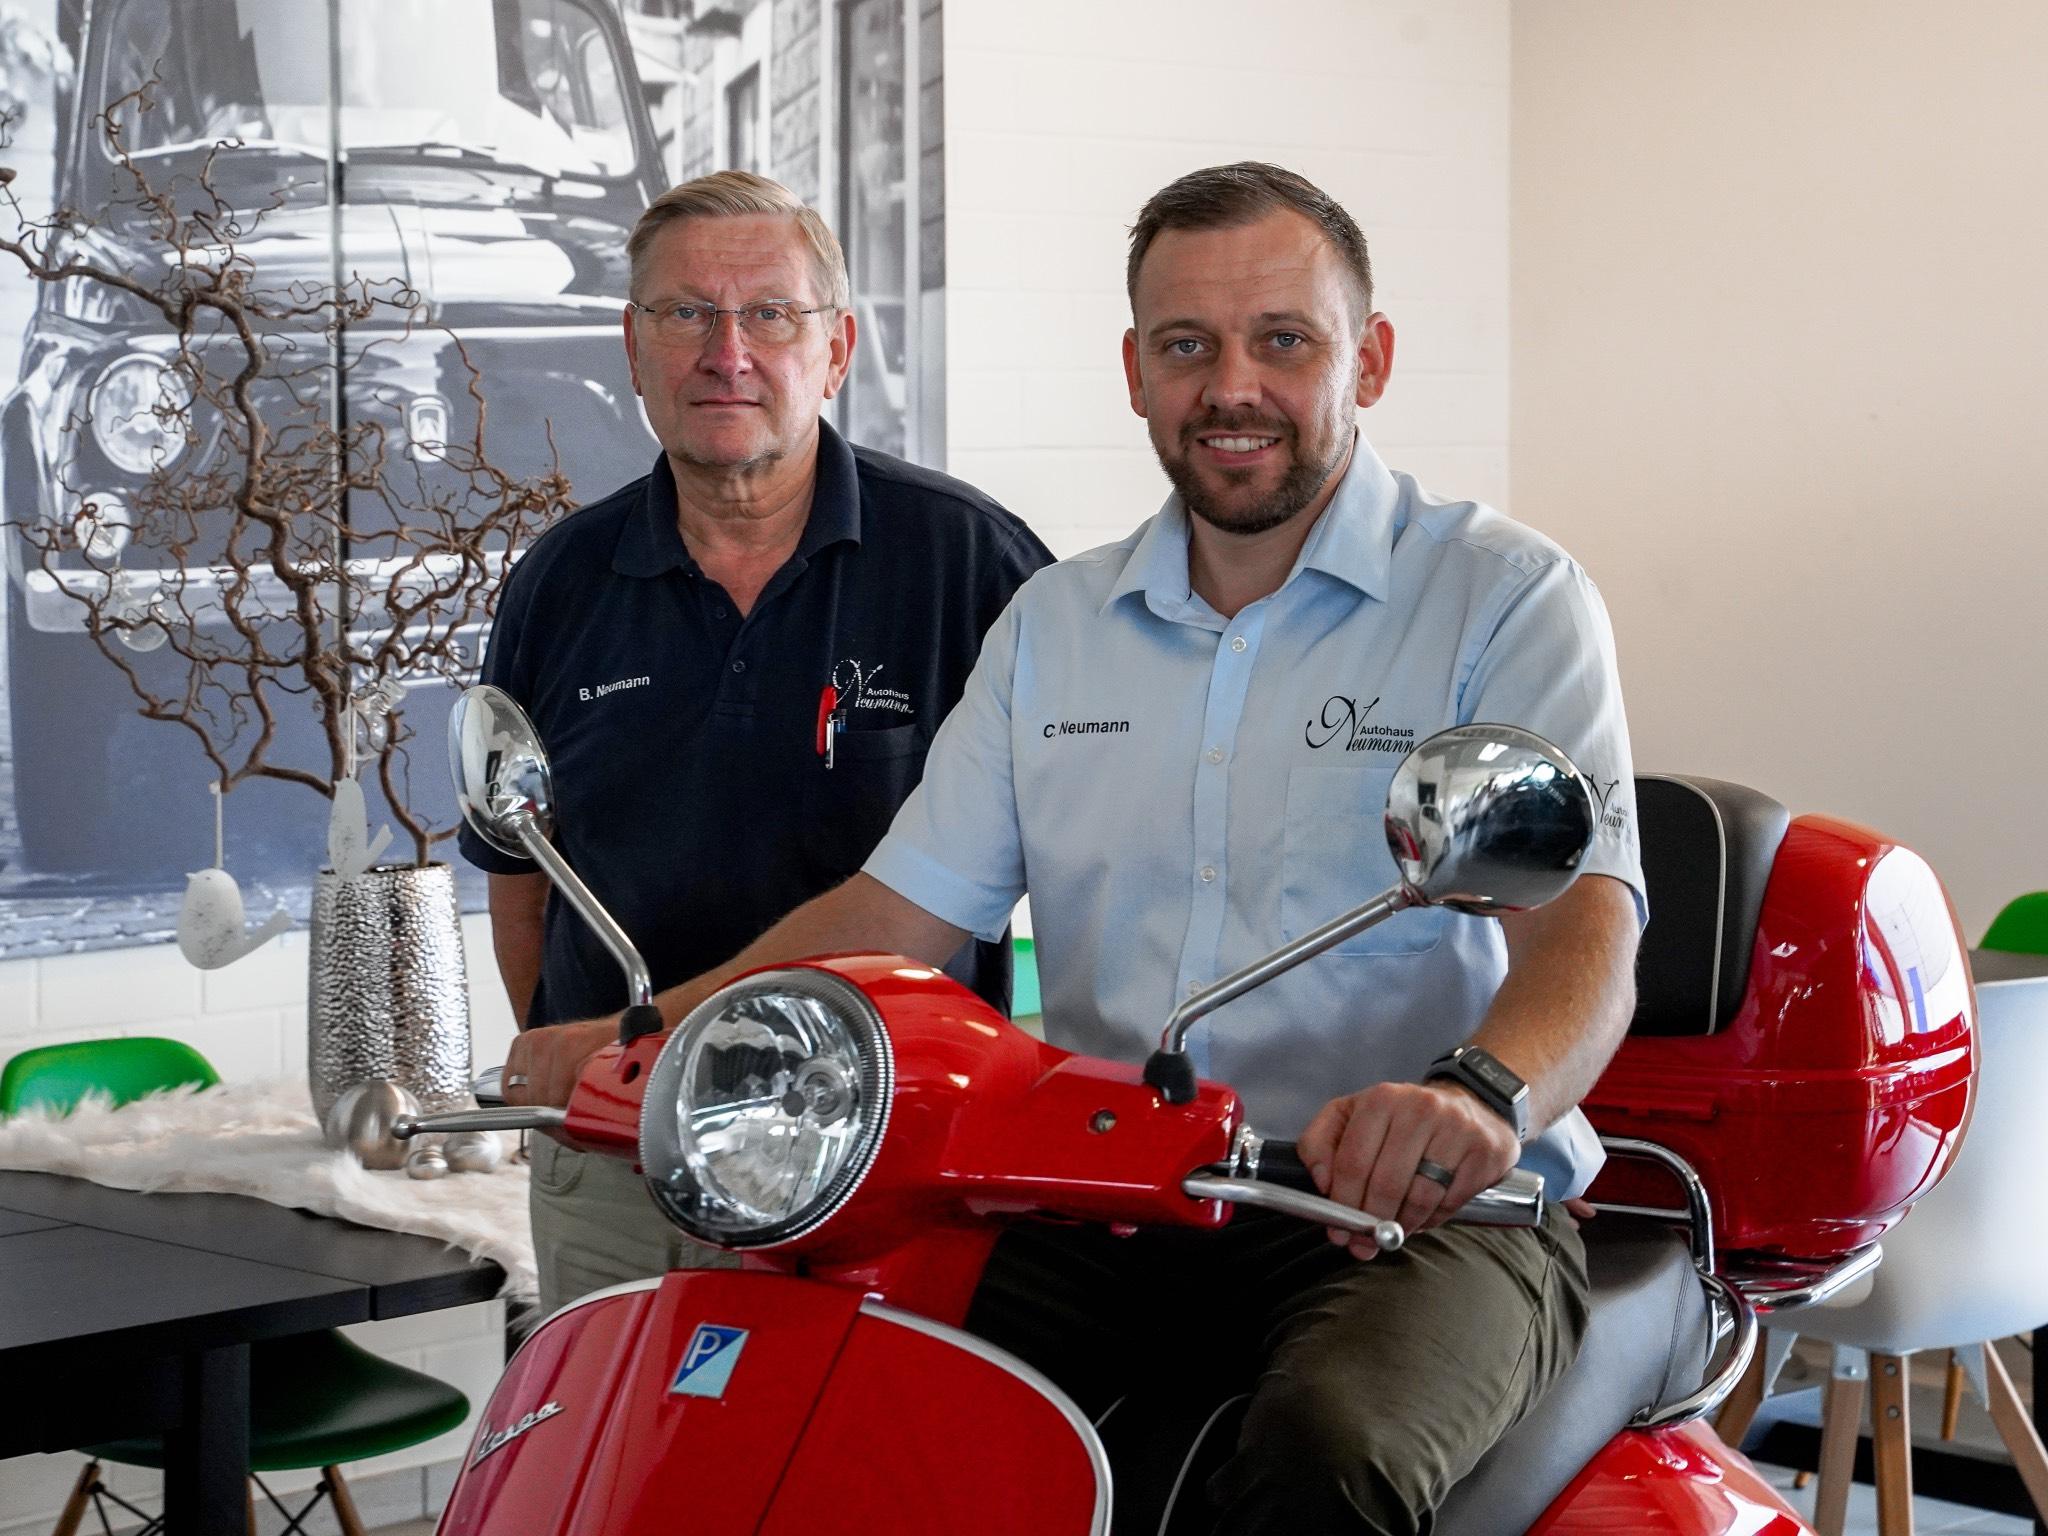 Den Geschäftsführern Berthold und Christian Neumann ist es wichtig, dass die Arbeit im Autohaus Spaß macht. Foto: Konstantin Winter